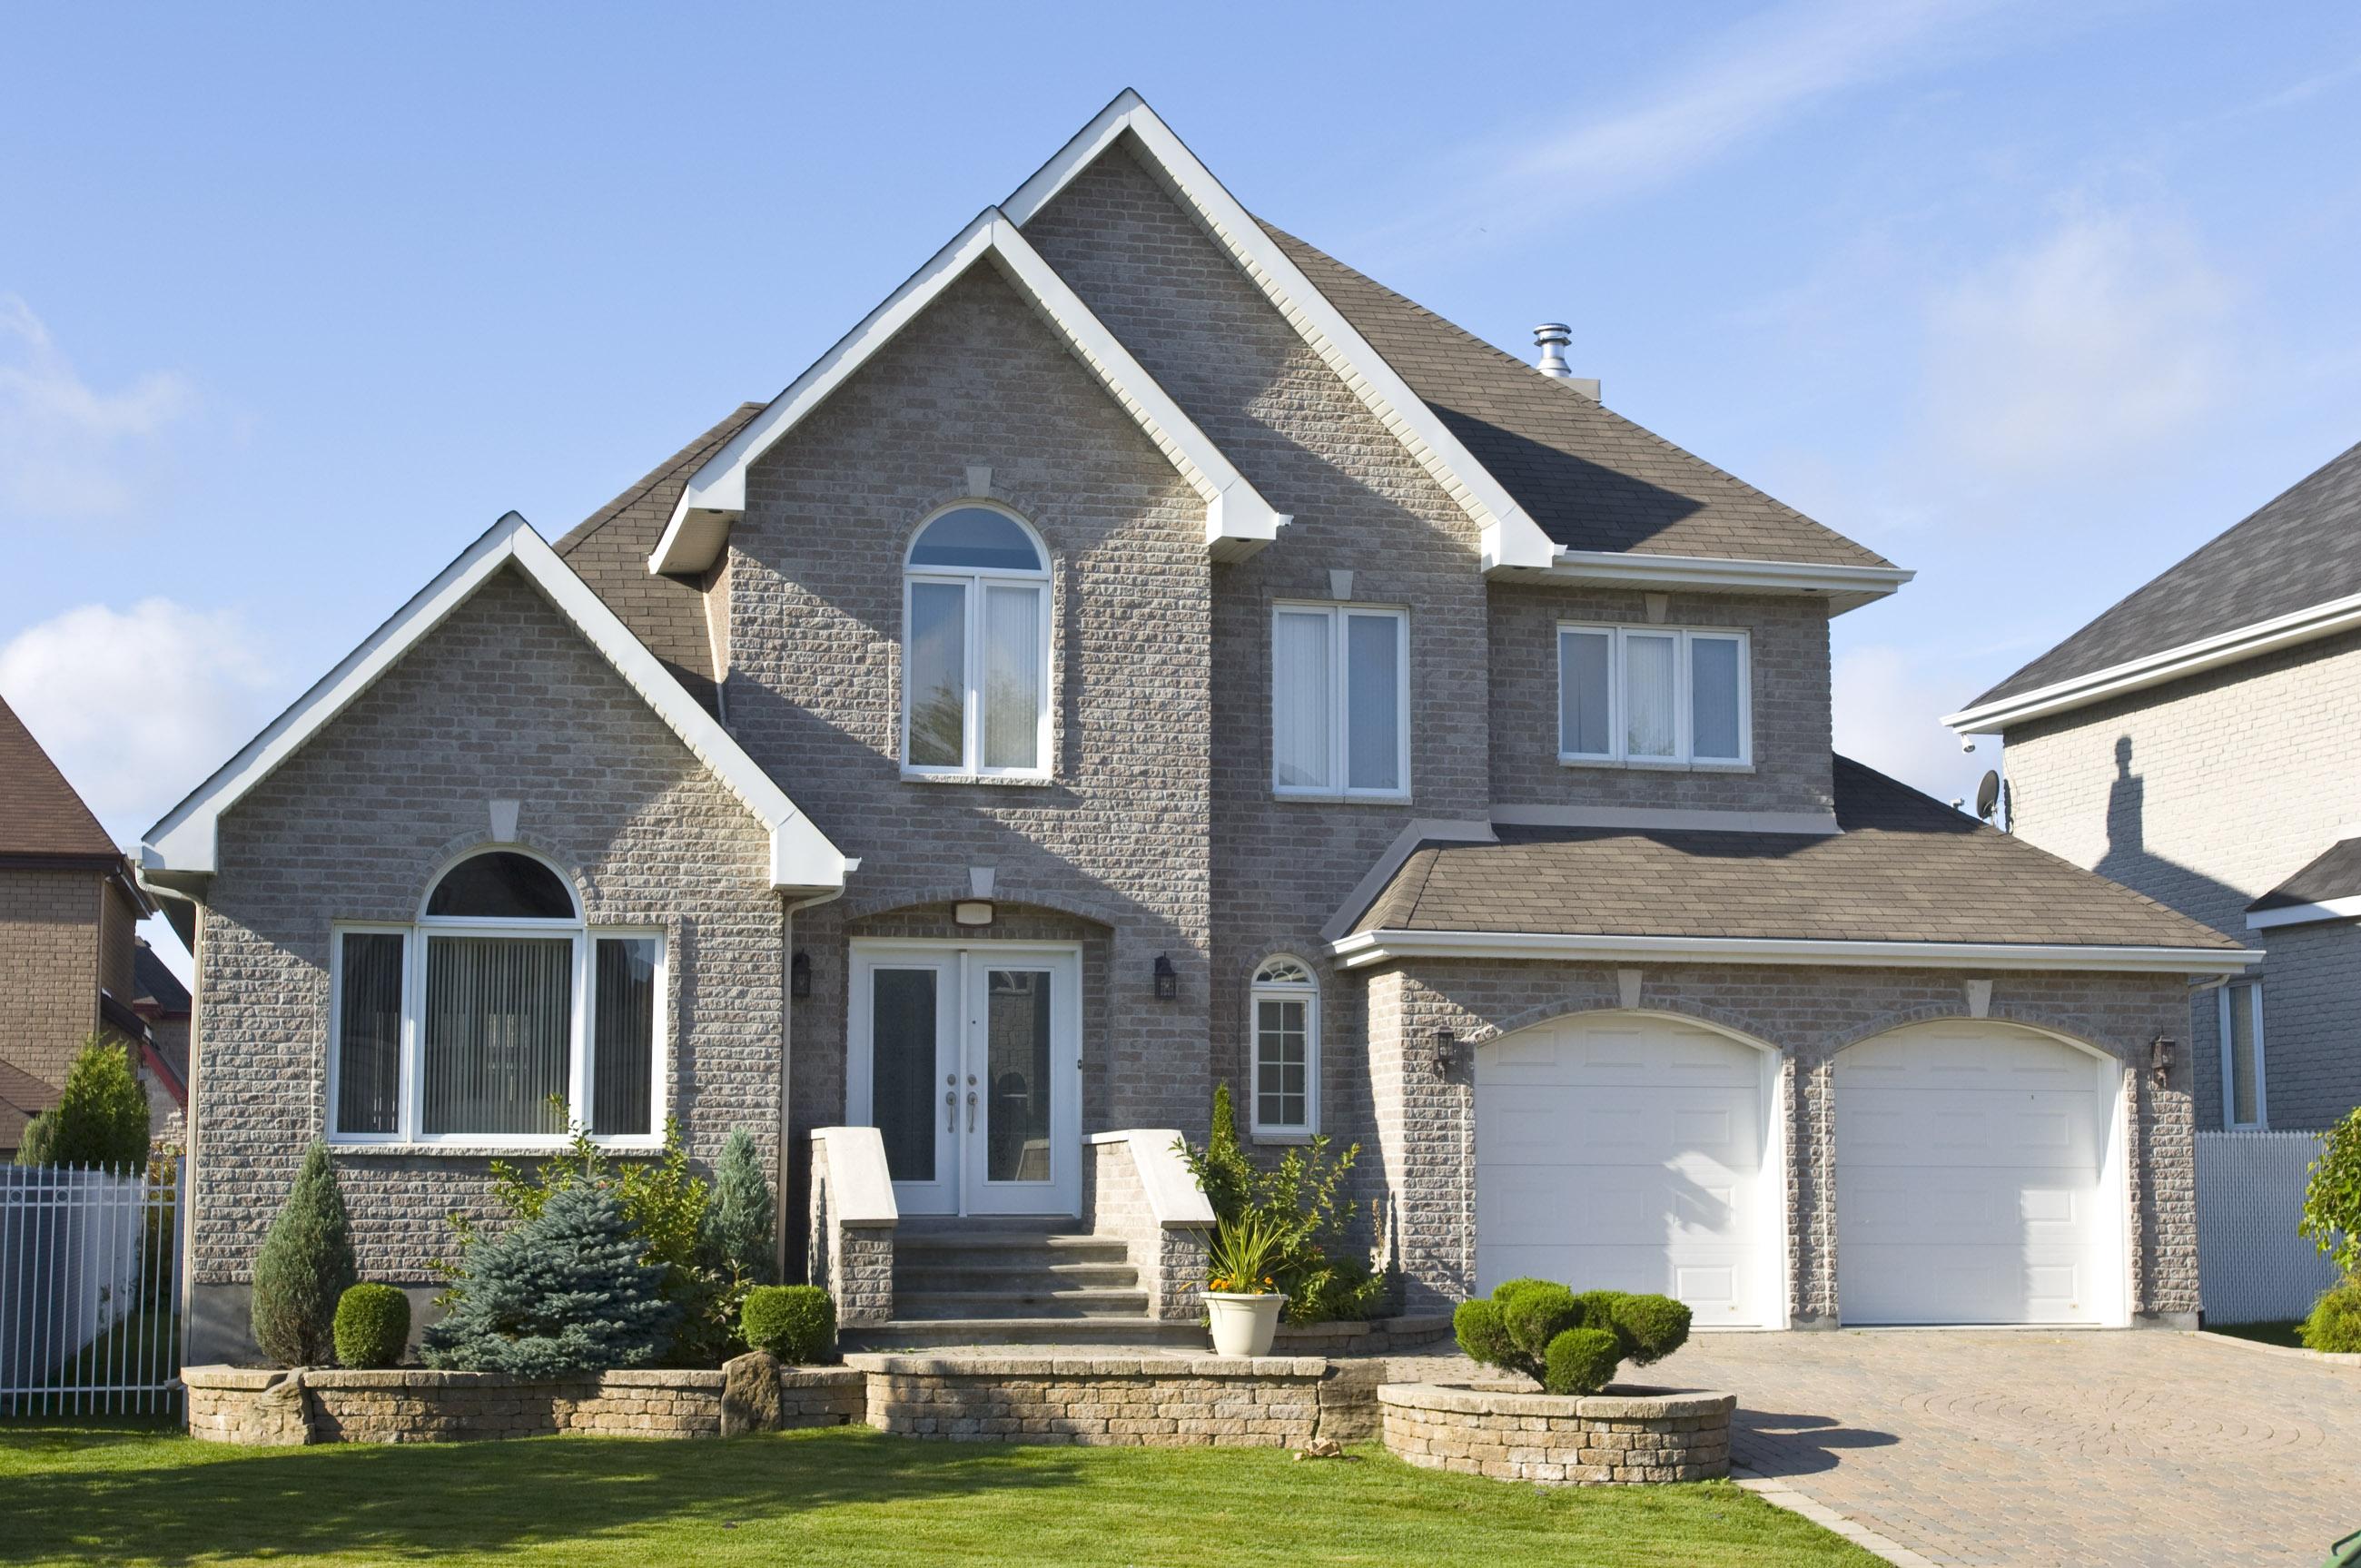 9031pd Architectural Designs House Plans